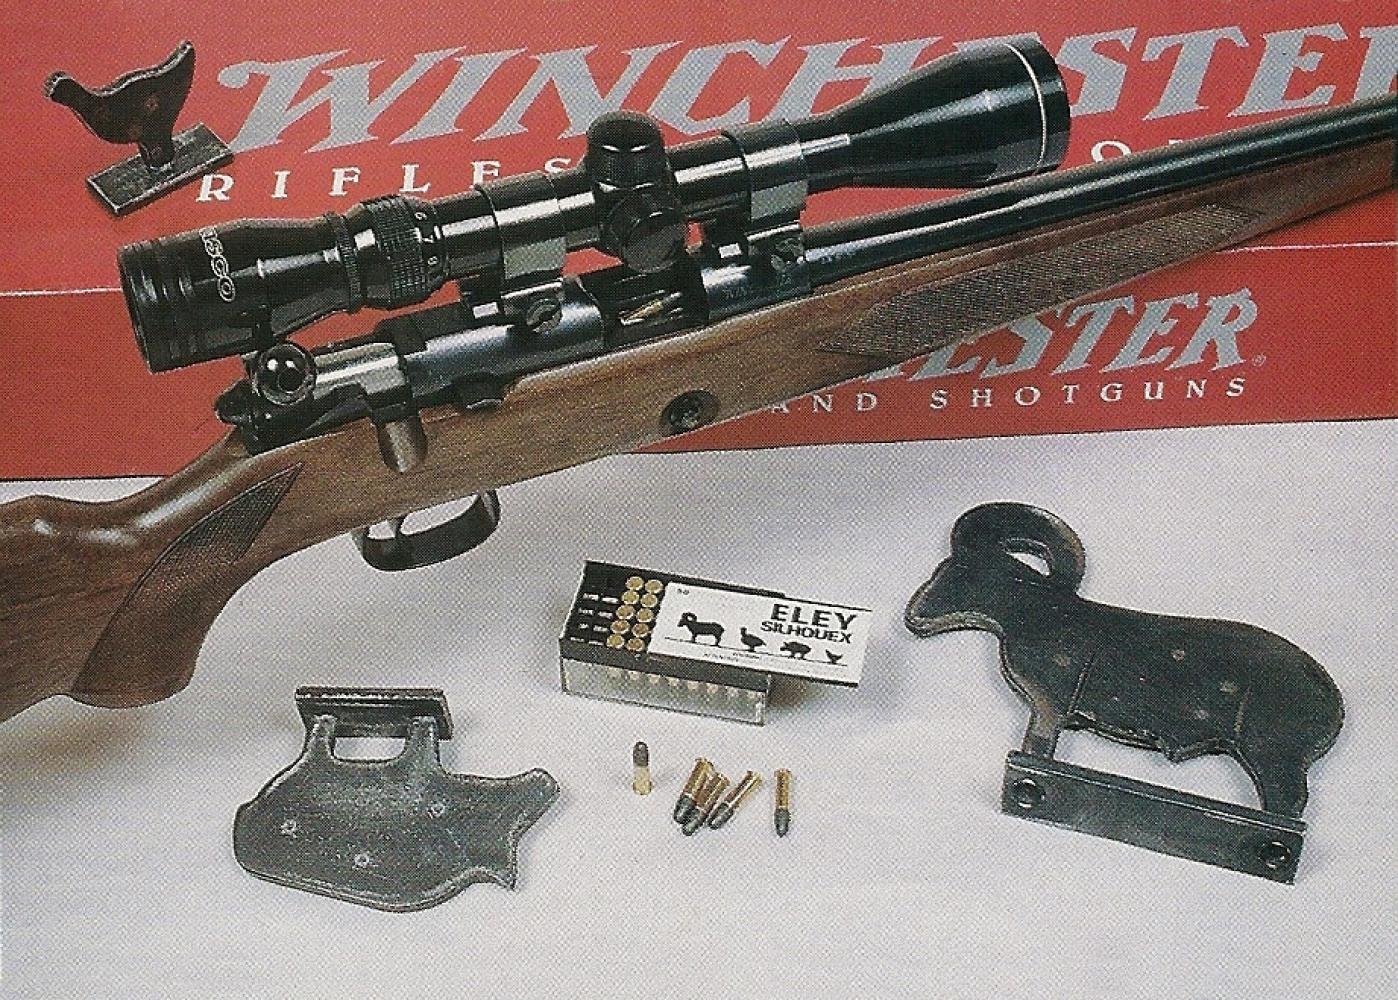 La Winchester 52-B Sporting, entourée des silhouettes métalliques destinées à la catégorie carabine petit calibre. Que ce soit en gros ou en petit calibre, les tirs sur silhouettes métalliques à l'arme d'épaule s'effectuent exclusivement en position debout, avec des carabines munies d'une lunette grossissante.